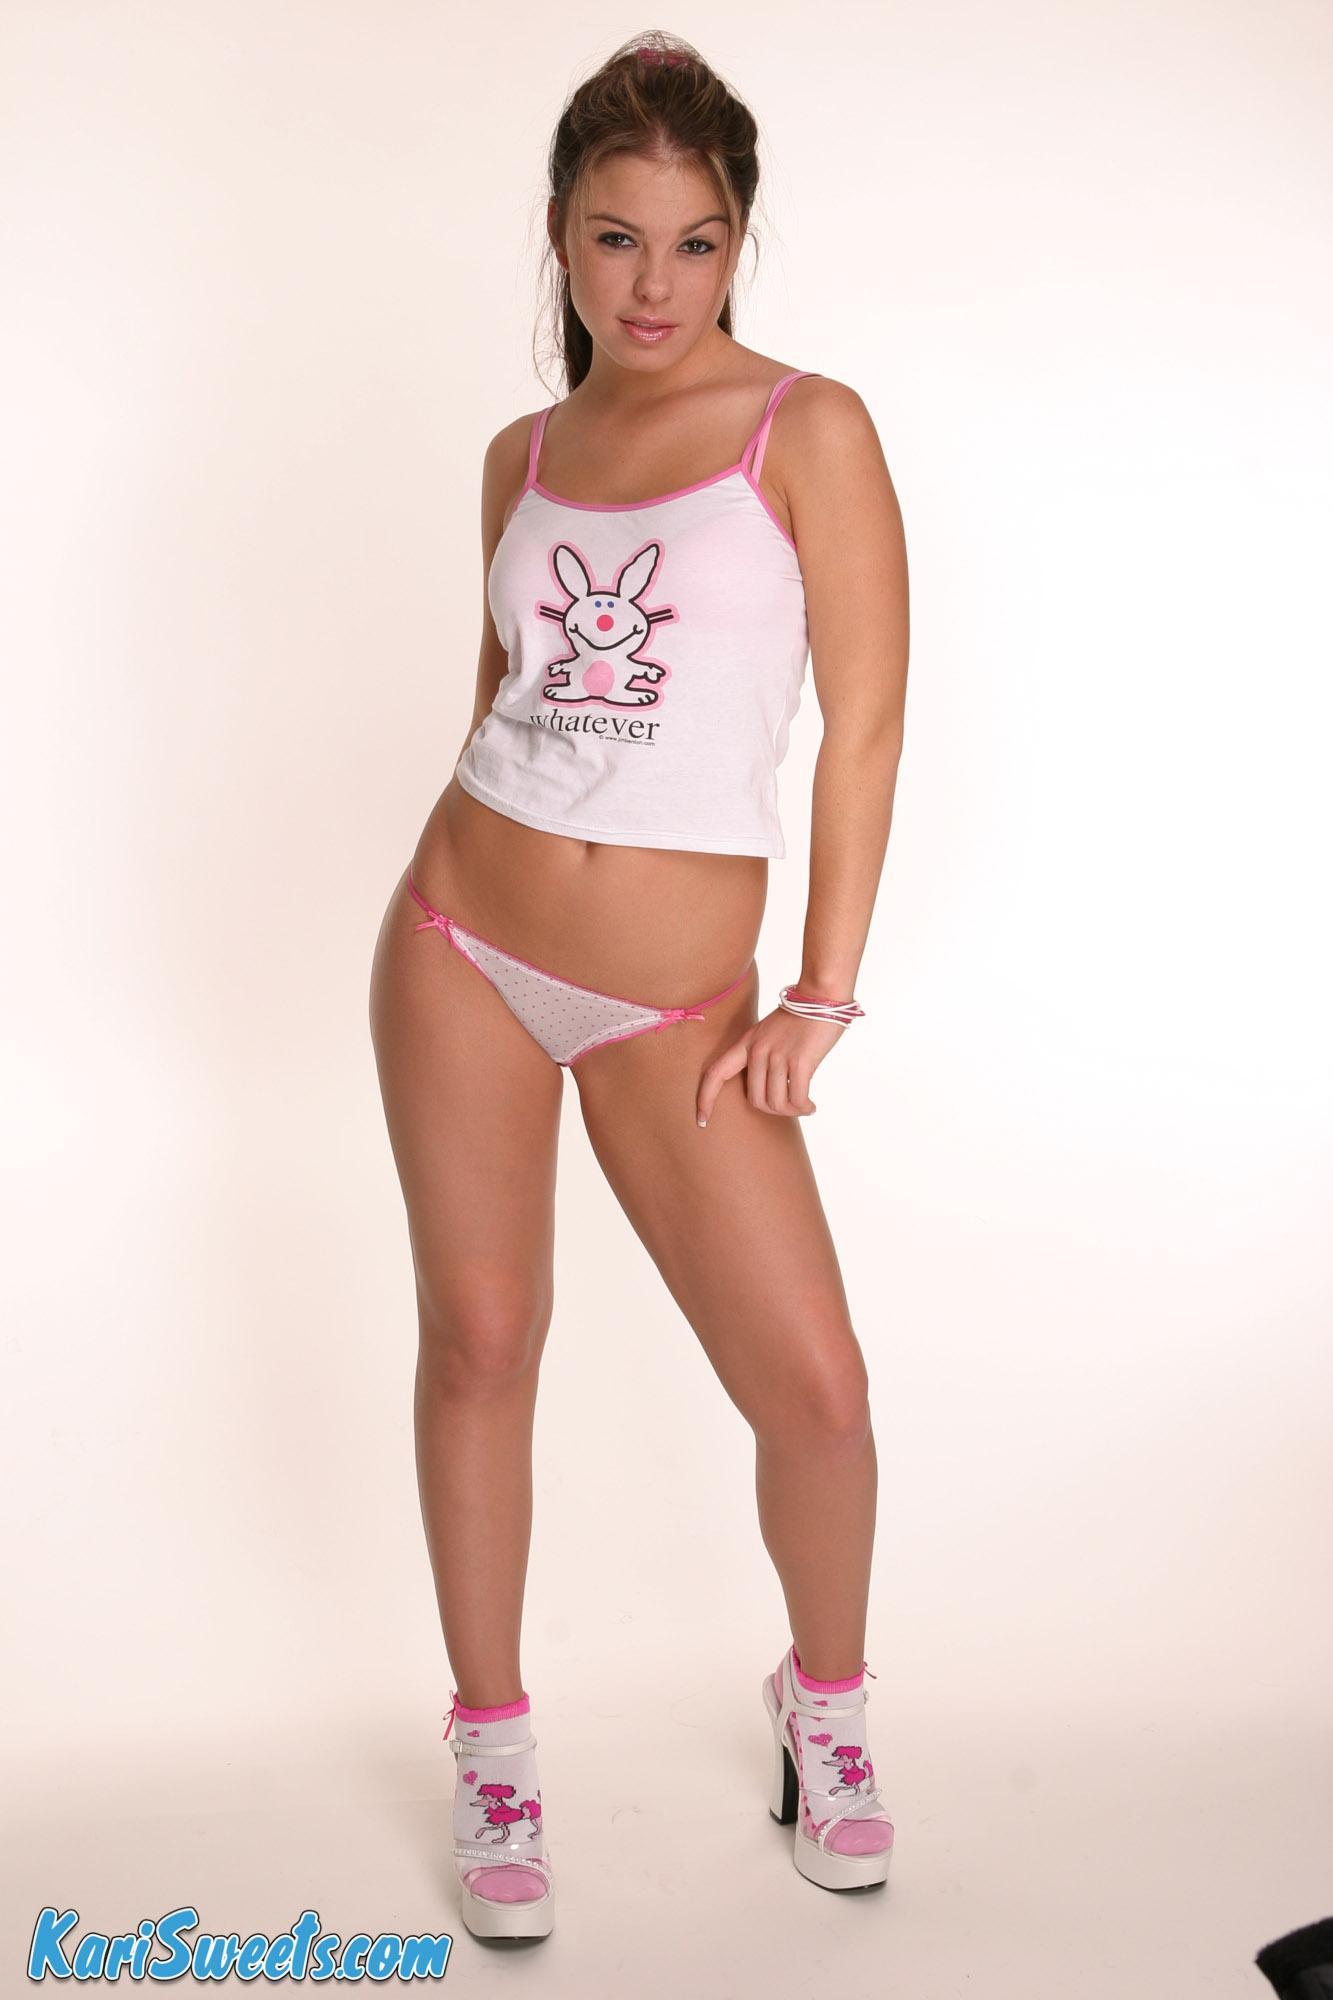 Kari Sweets looking hot in pink panties   Daily Girls @ Female Update